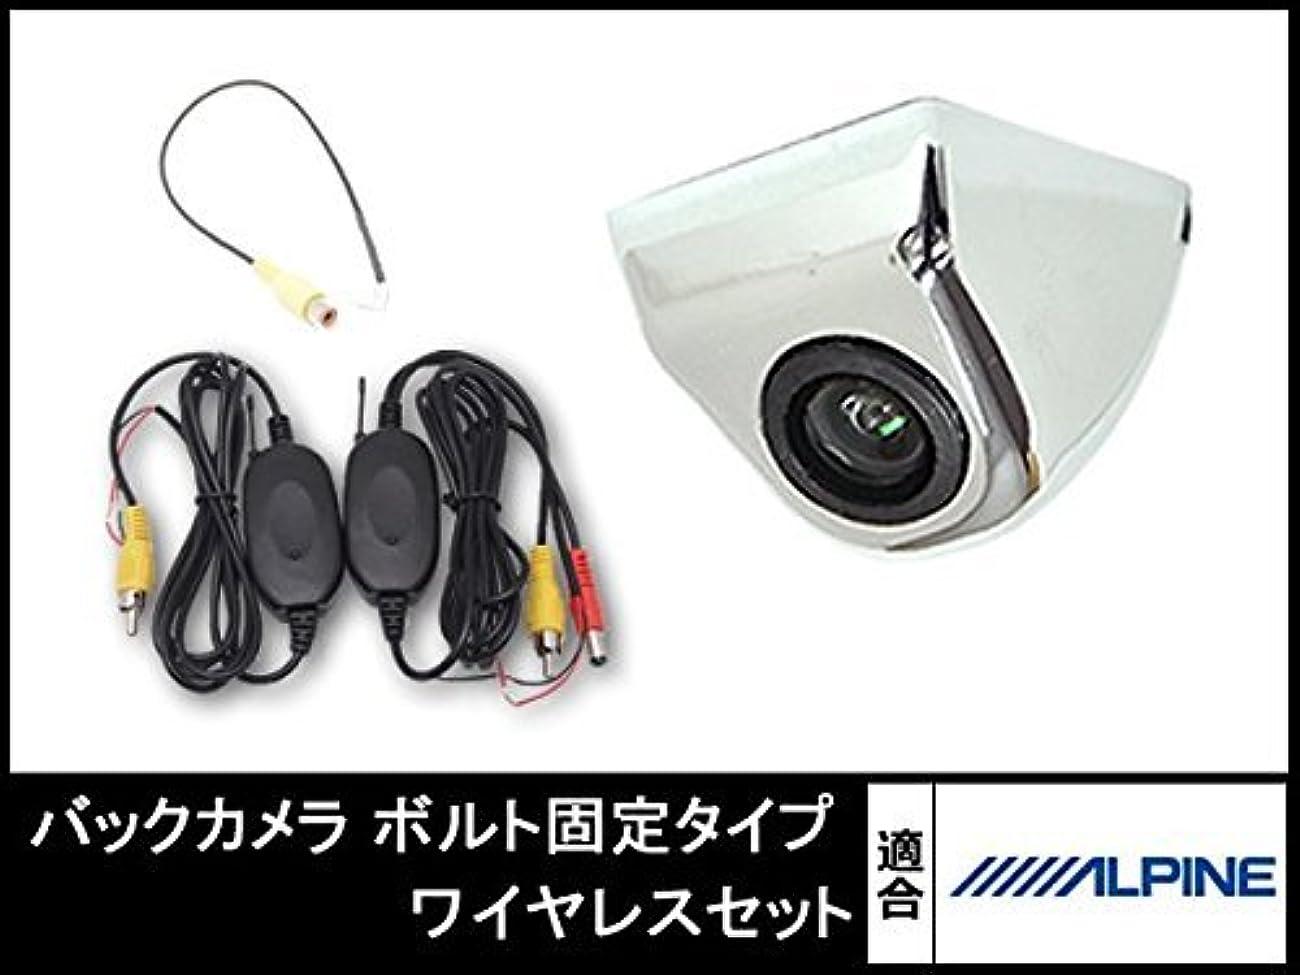 高めるそれぞれ機構7DV 対応 高画質 バックカメラ ボルト固定タイプ シルバー 車載用 広角170° 超高精細 CMOS センサー 【ワイヤレスキット付】